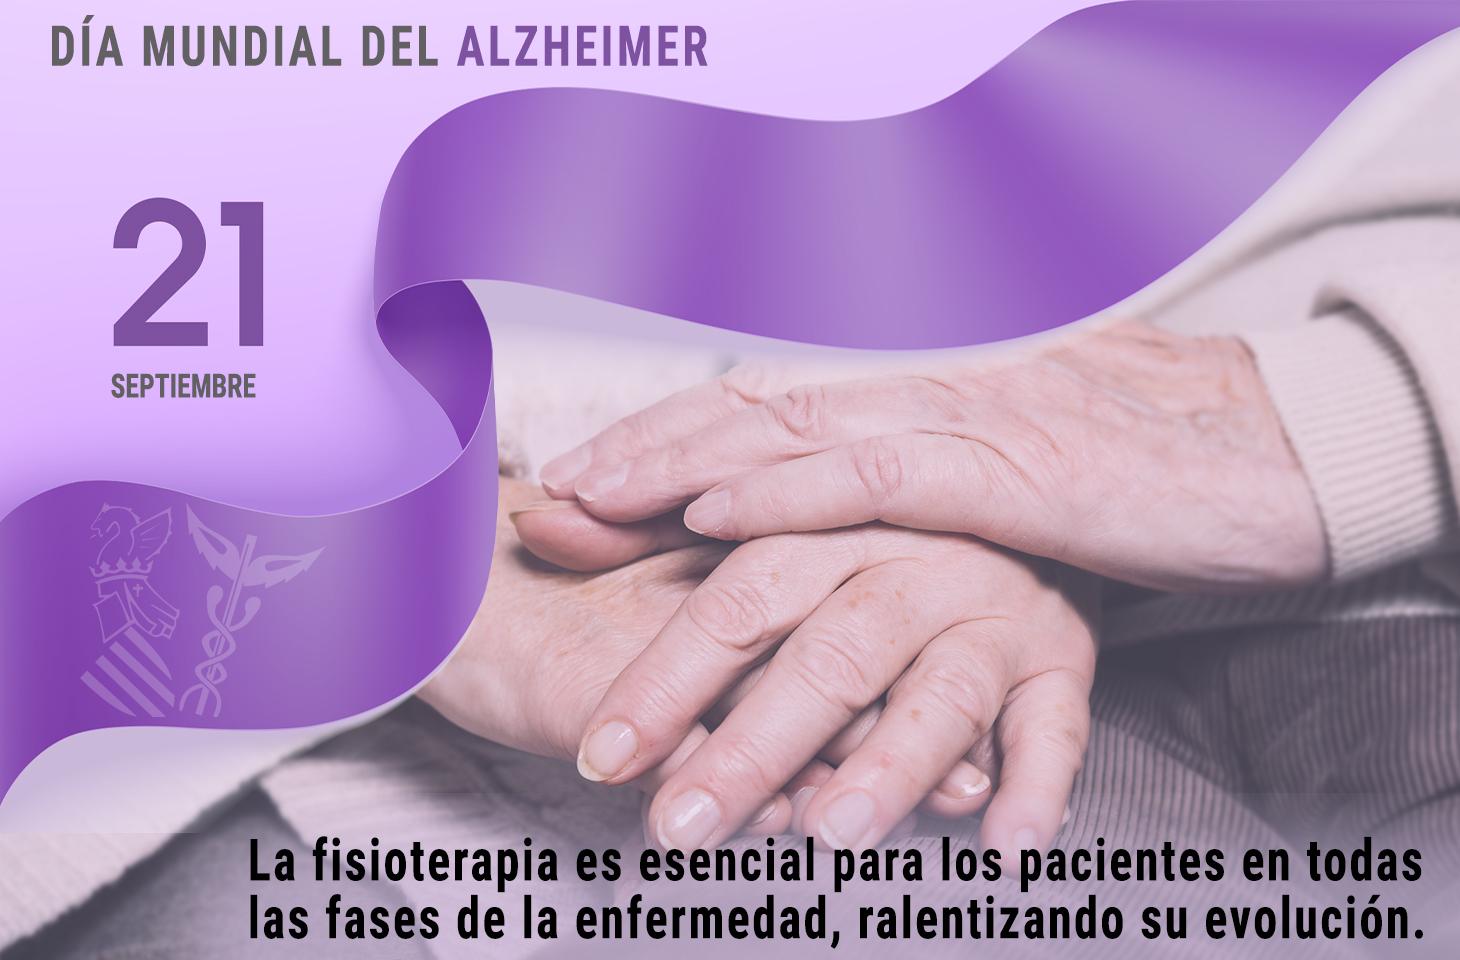 21 de septiembre, Día Mundial del Alzheimer. La Fisioterapia, vital para los pacientes durante todas las fases de la enfermedad - ICOFCV